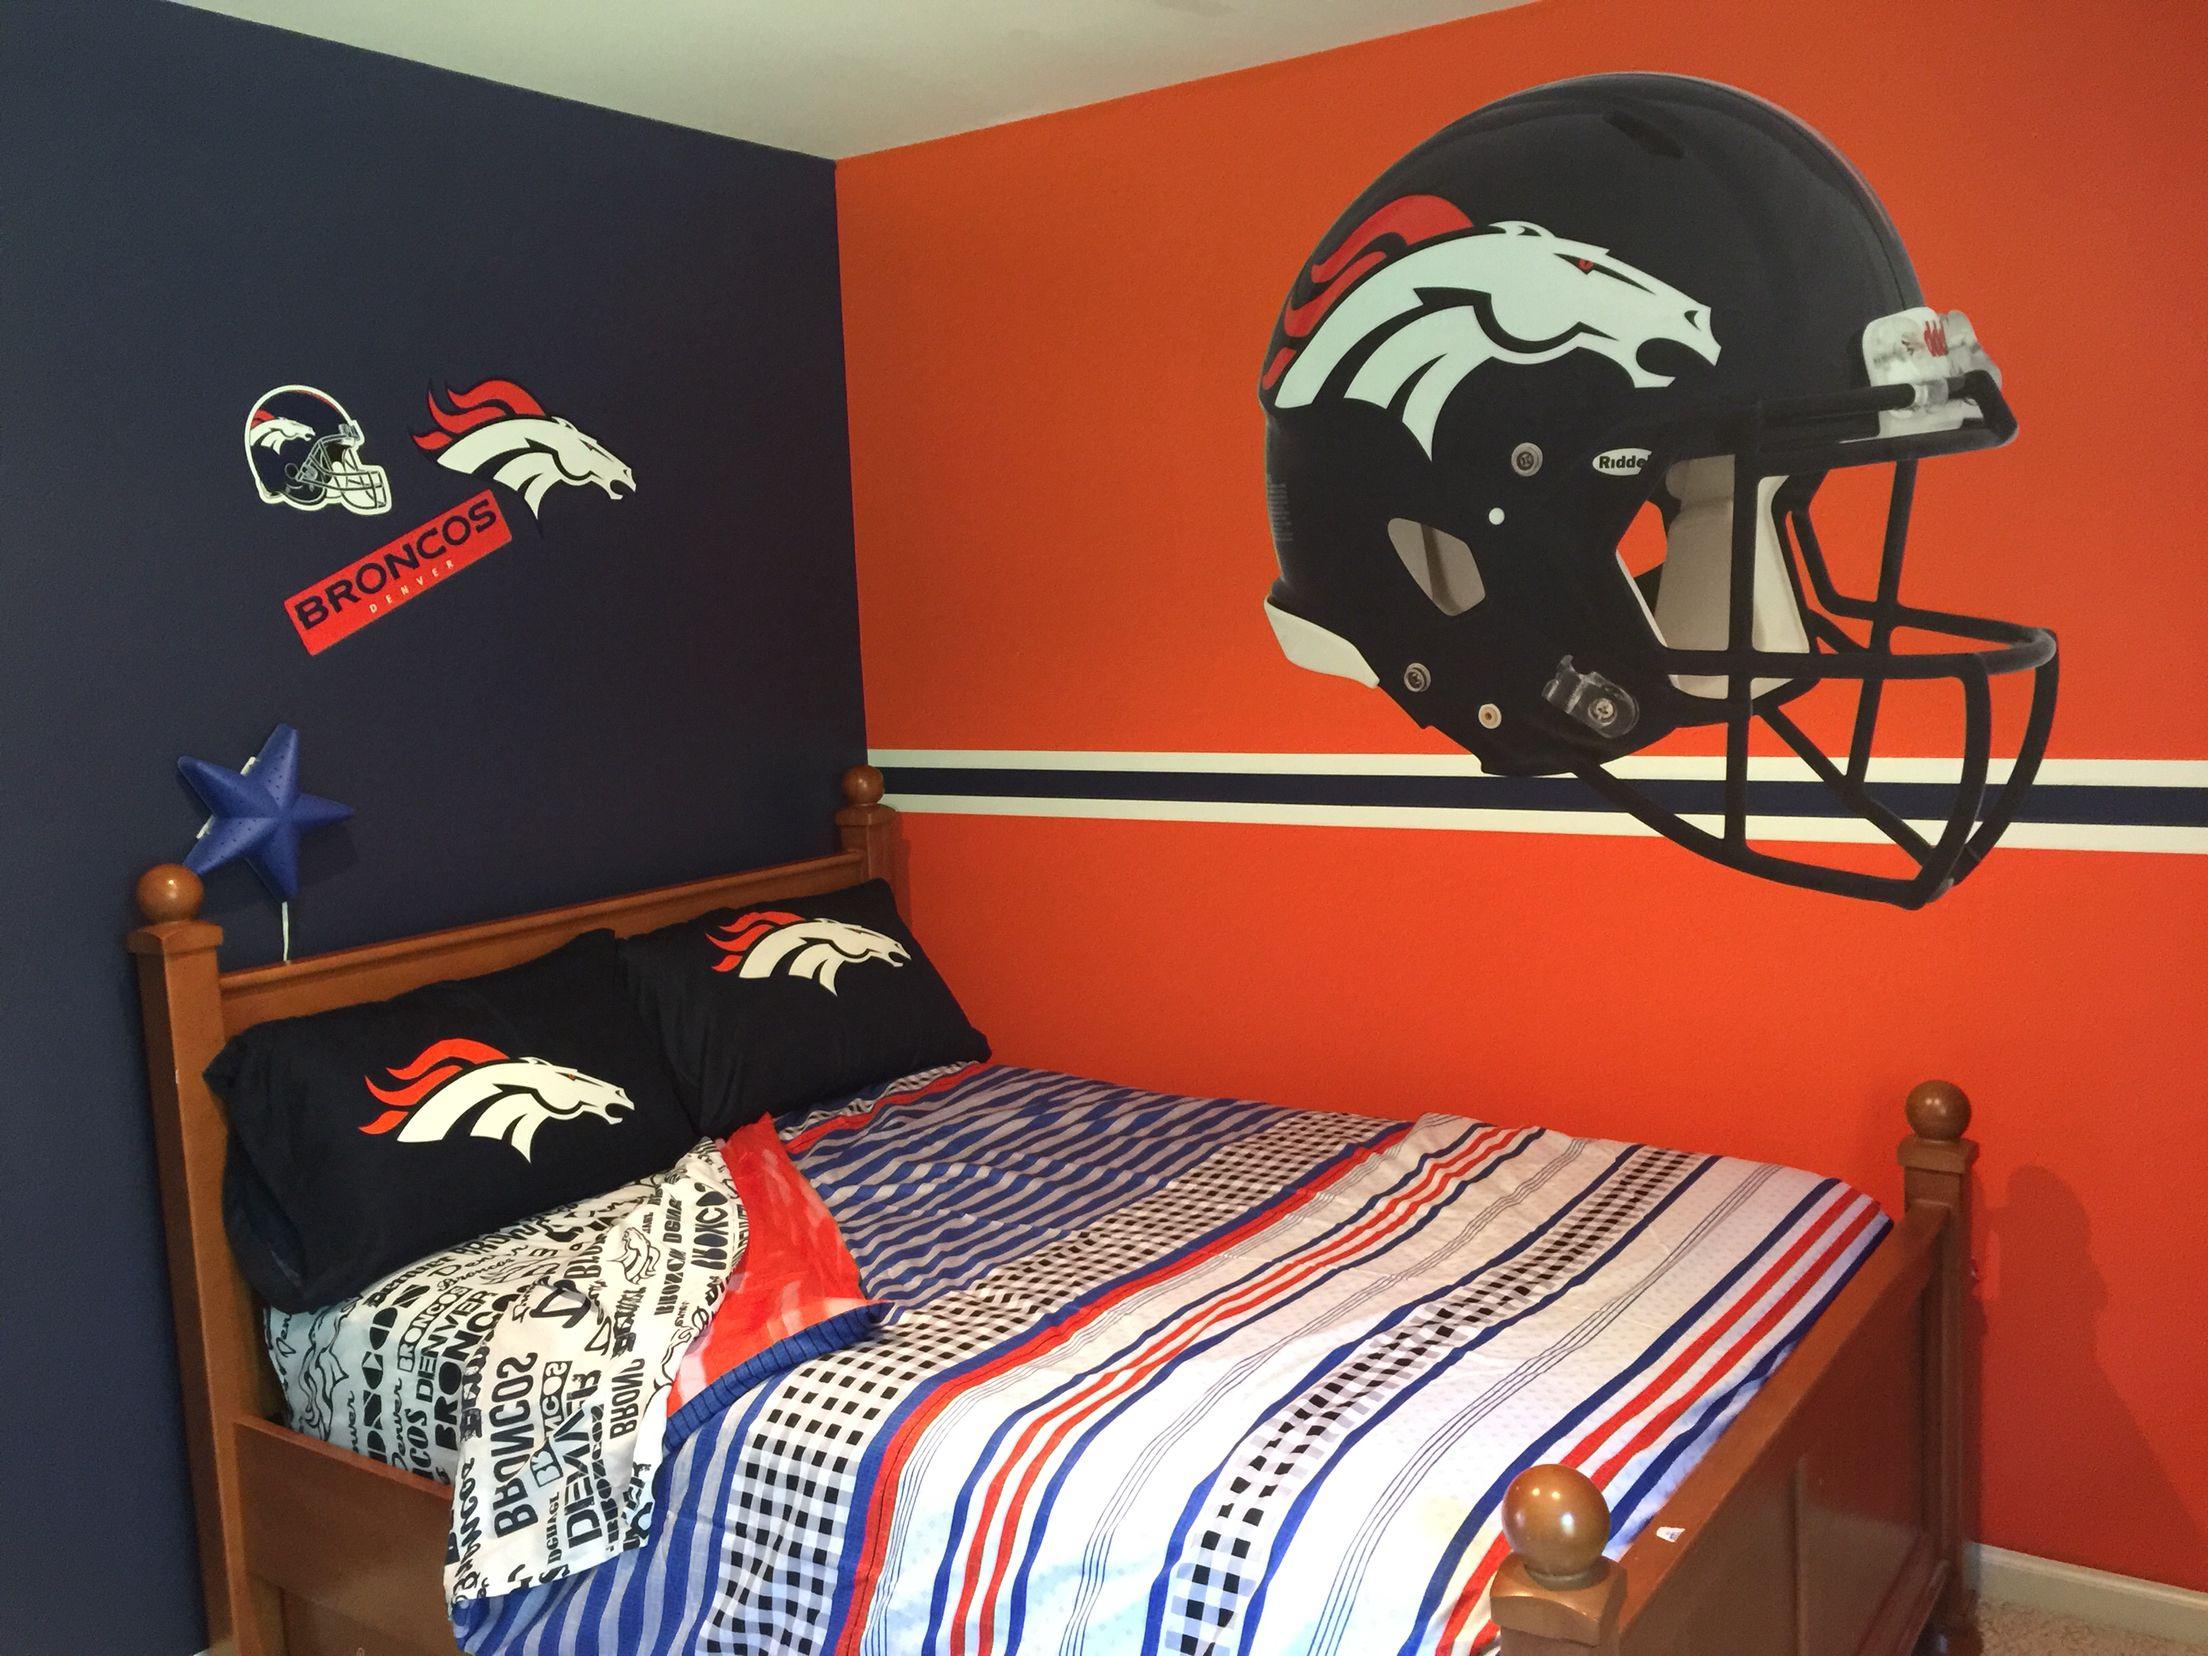 Chad\'s Denver Broncos bedroom | Broncos | Pinterest | Vida nueva y Vida